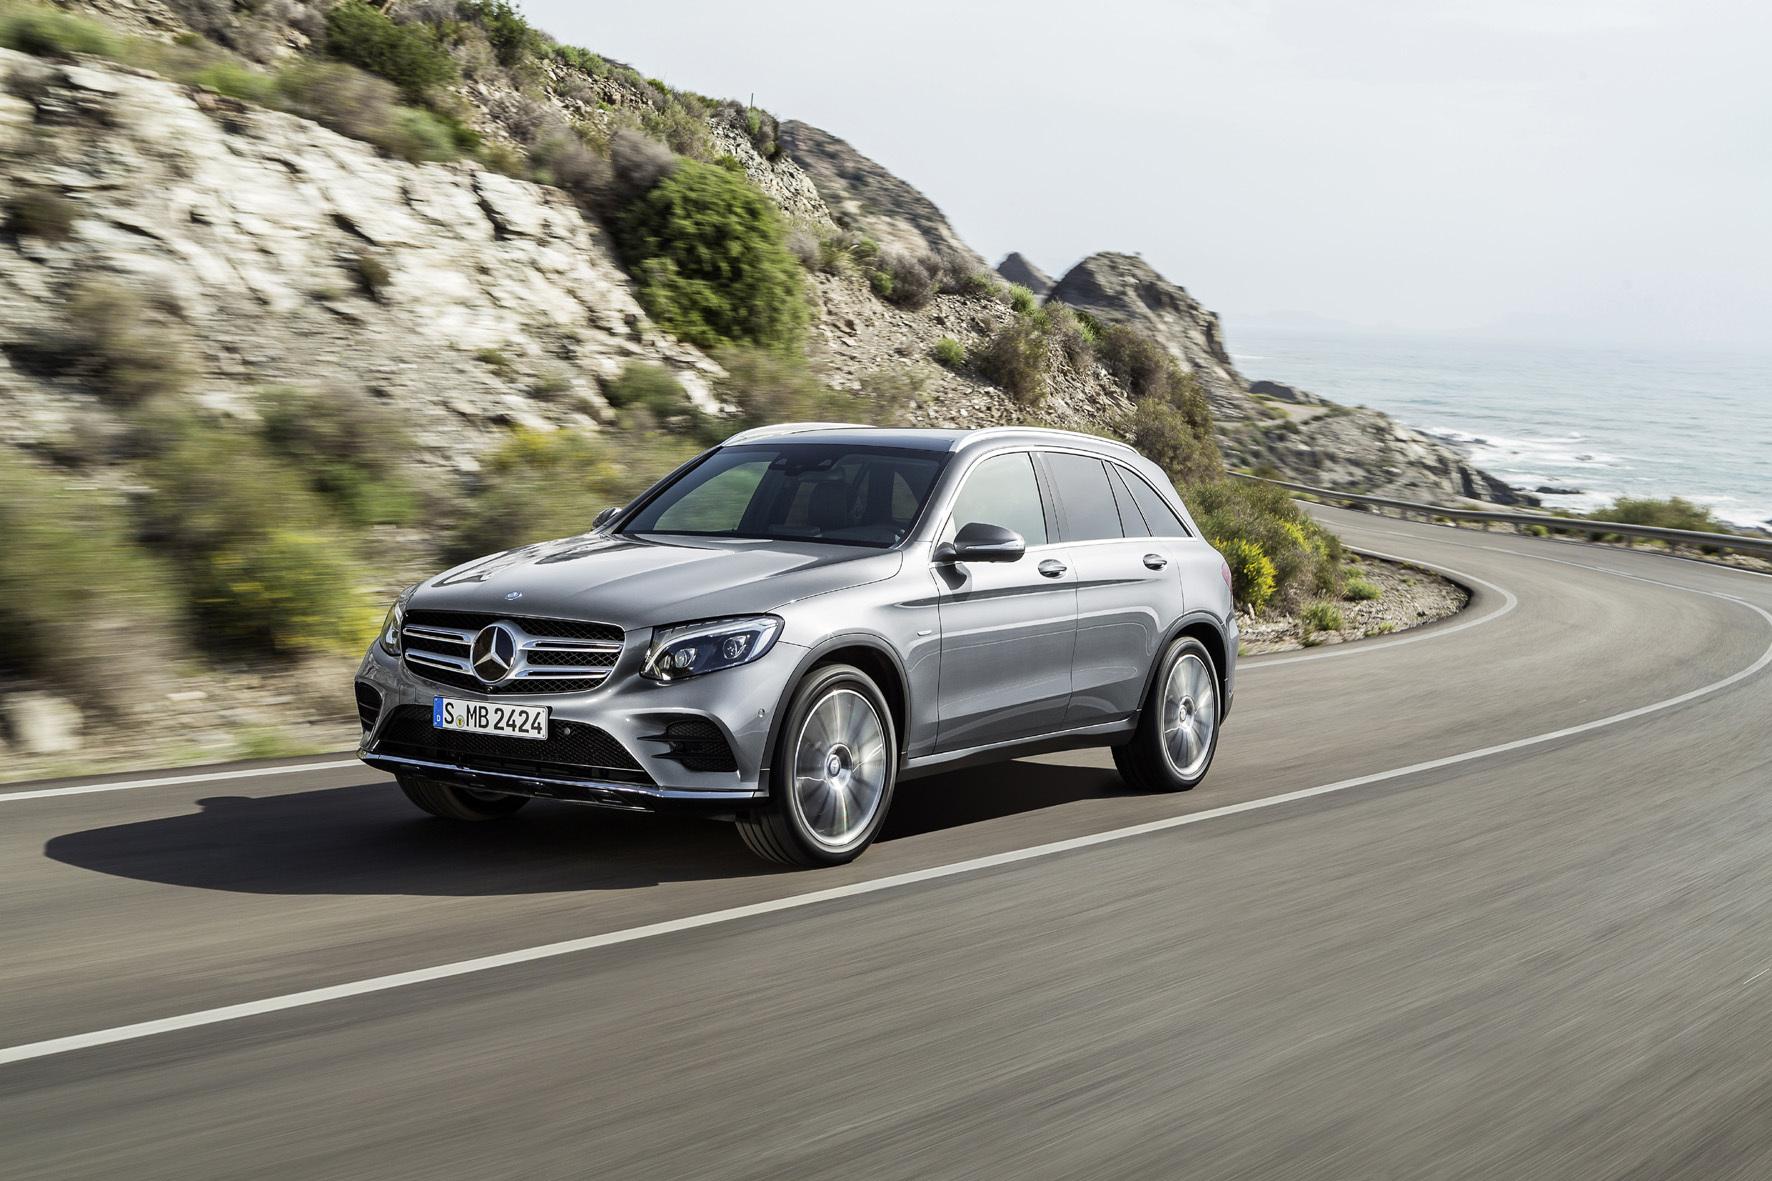 mid Düsseldorf - Die nächste Generation des Mercedes-Geländewagens GLC soll auch mit Brennstoffzellen-Antrieb auf den Markt kommen und eine Reichweite von rund 500 Kilometern haben.